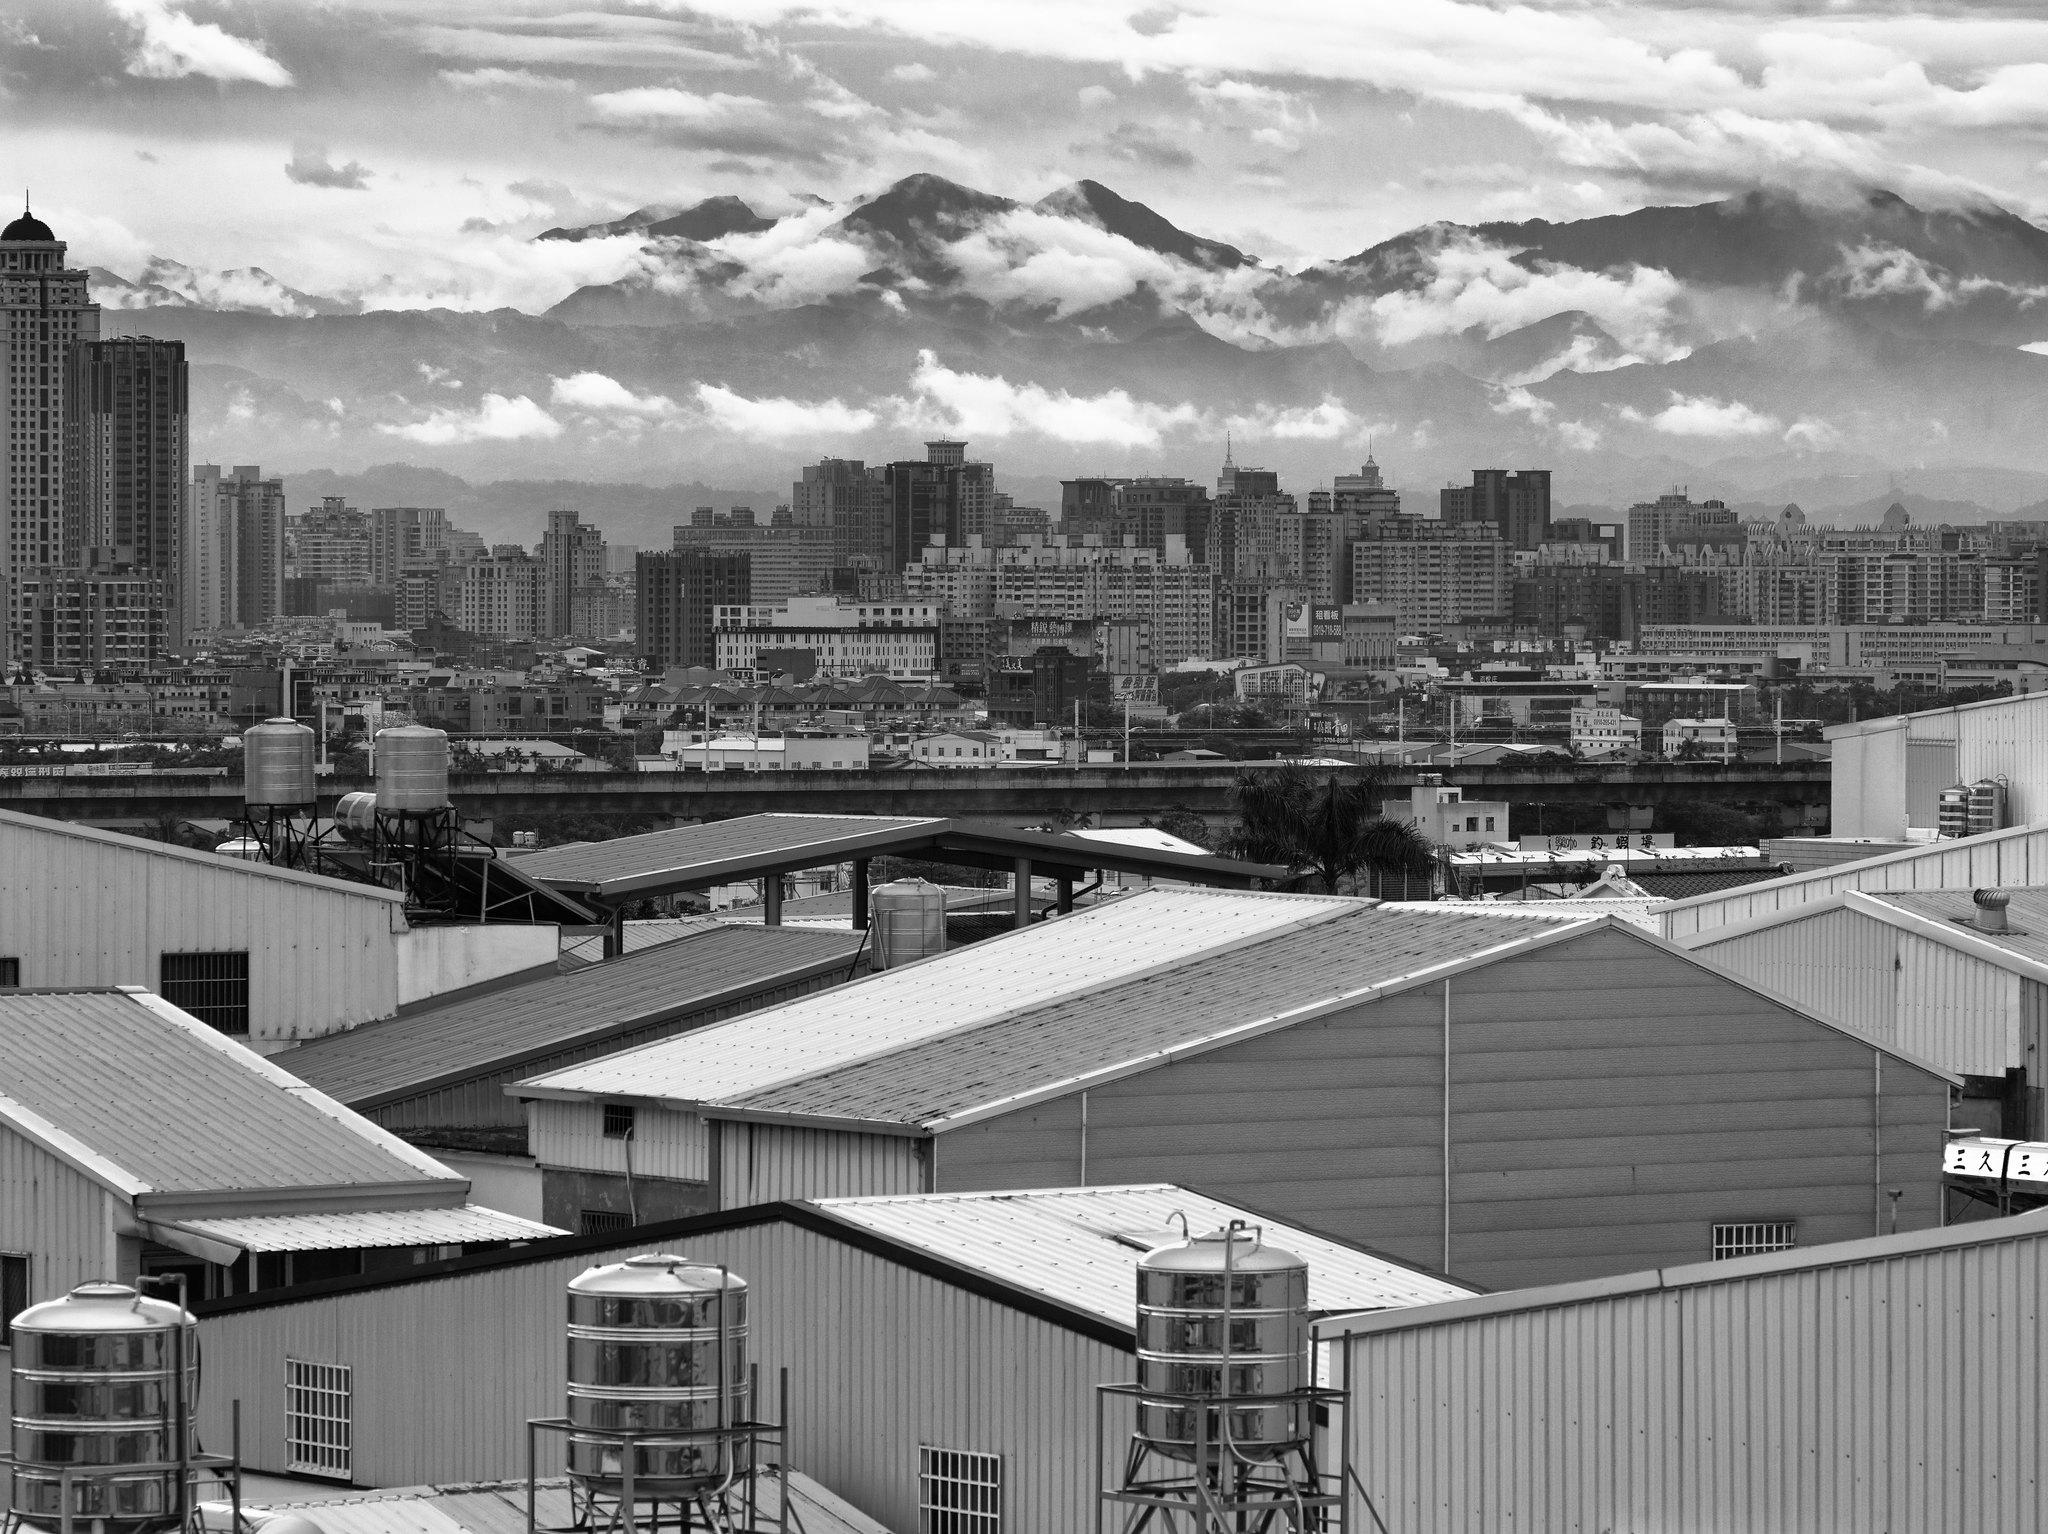 645D - 山雲入城